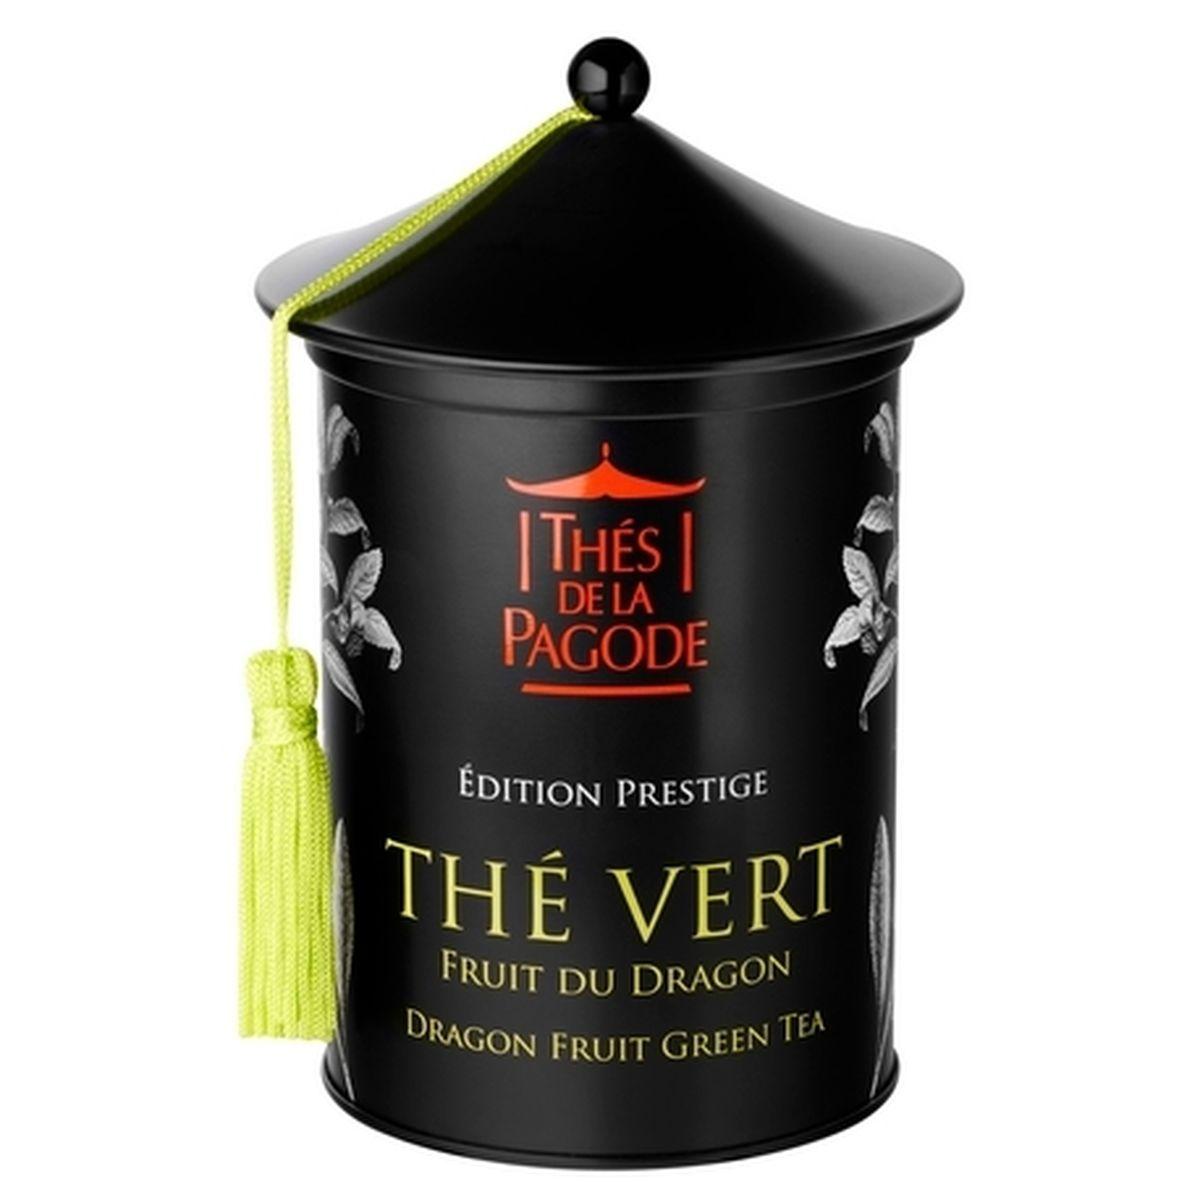 Thé vert fruit du dragon  bio édition prestige - Thés de la Pagode